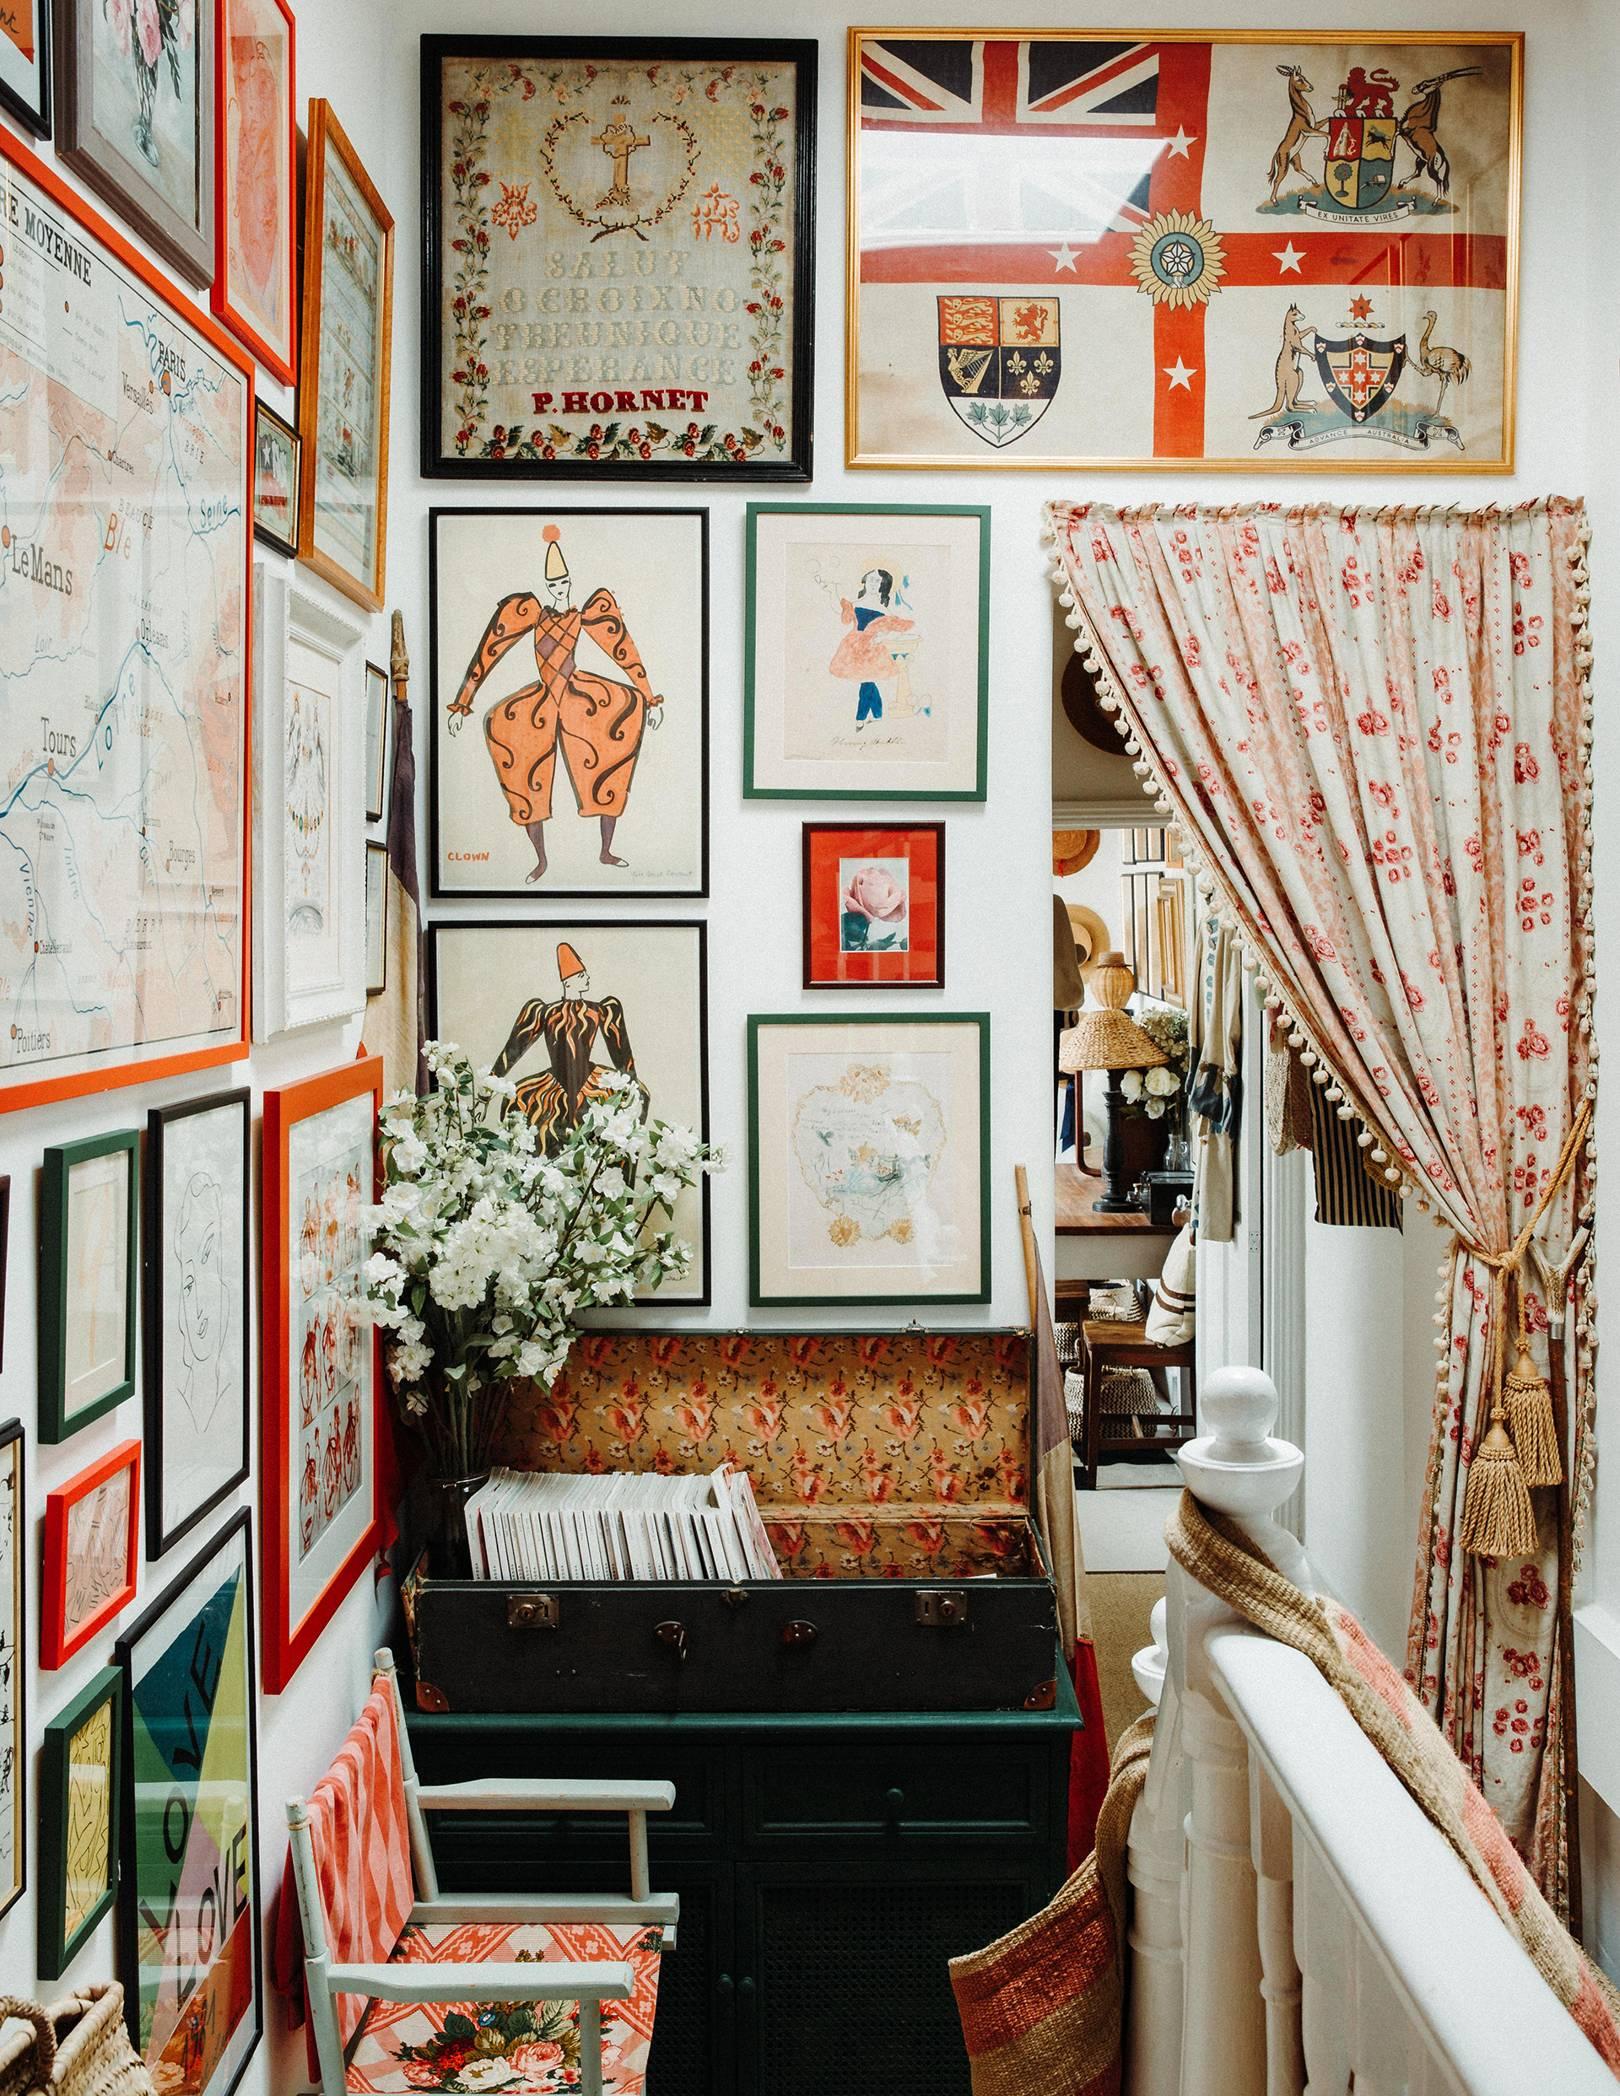 couloir amusant rempli de style art granny chic | visite de la maison de la dent violette